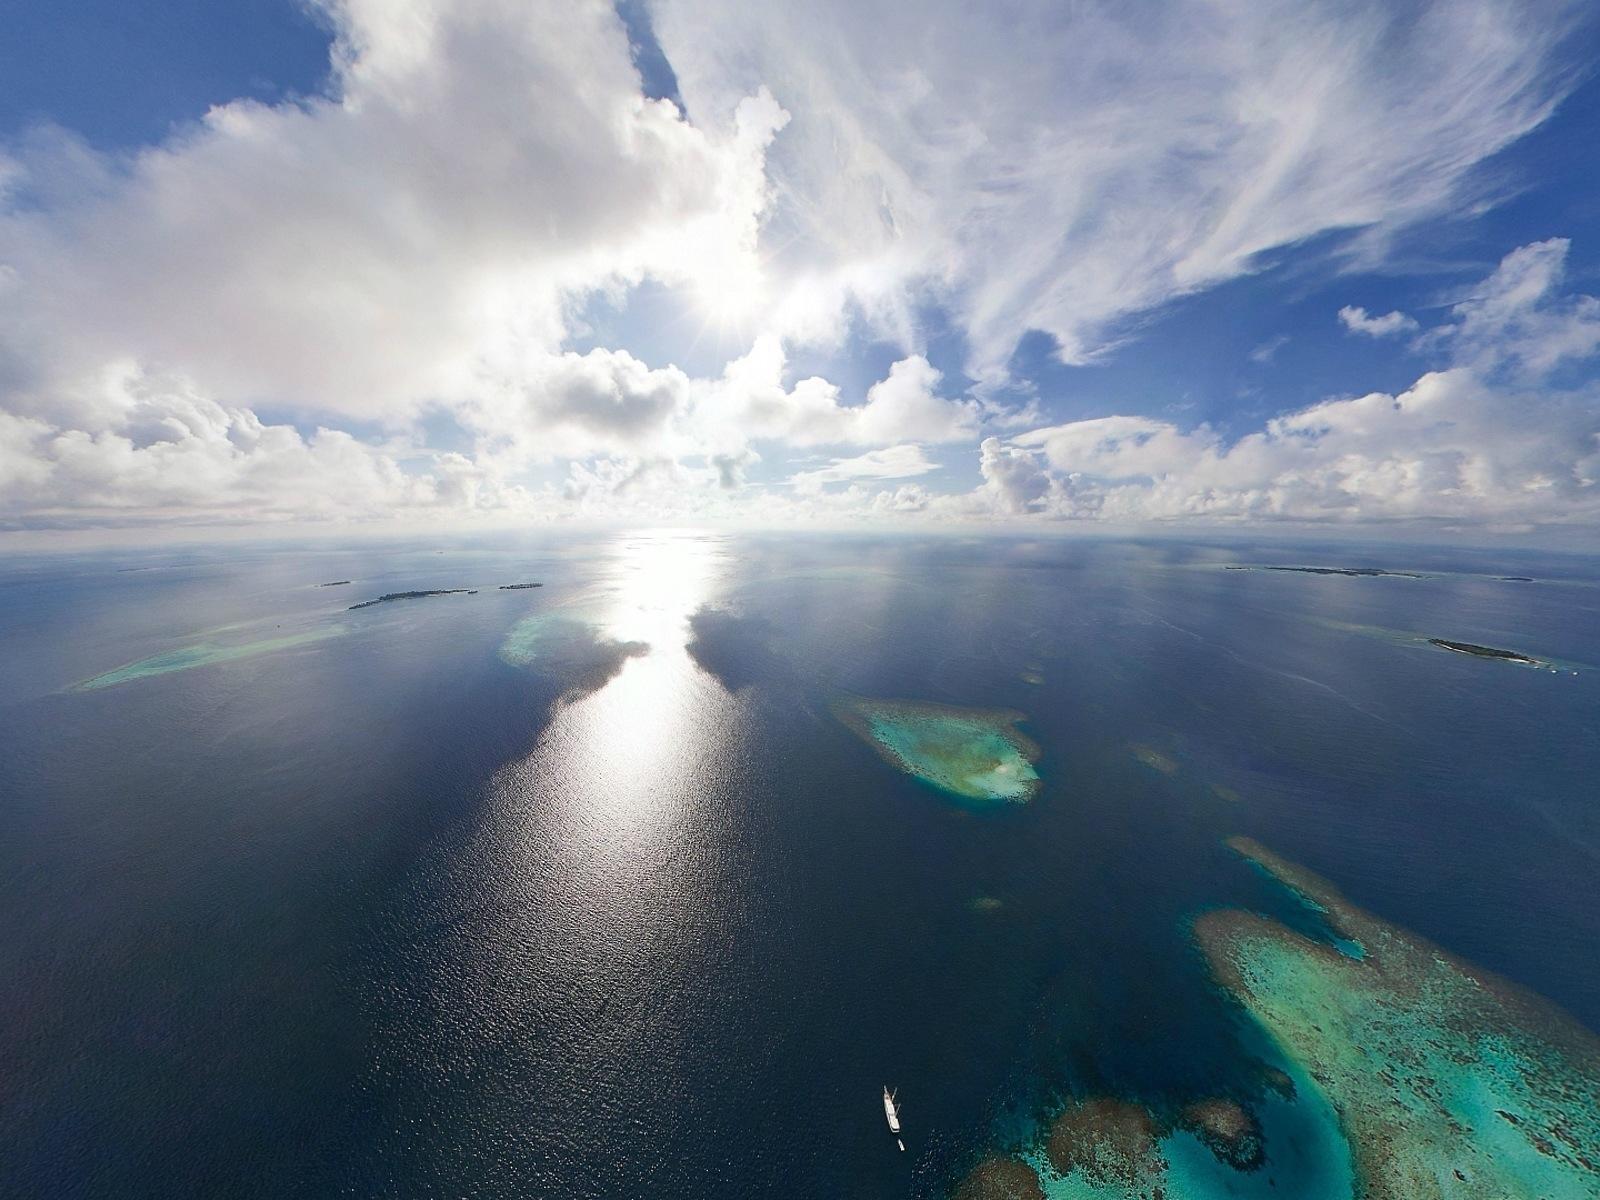 19252 скачать обои Пейзаж, Небо, Море, Солнце, Облака - заставки и картинки бесплатно